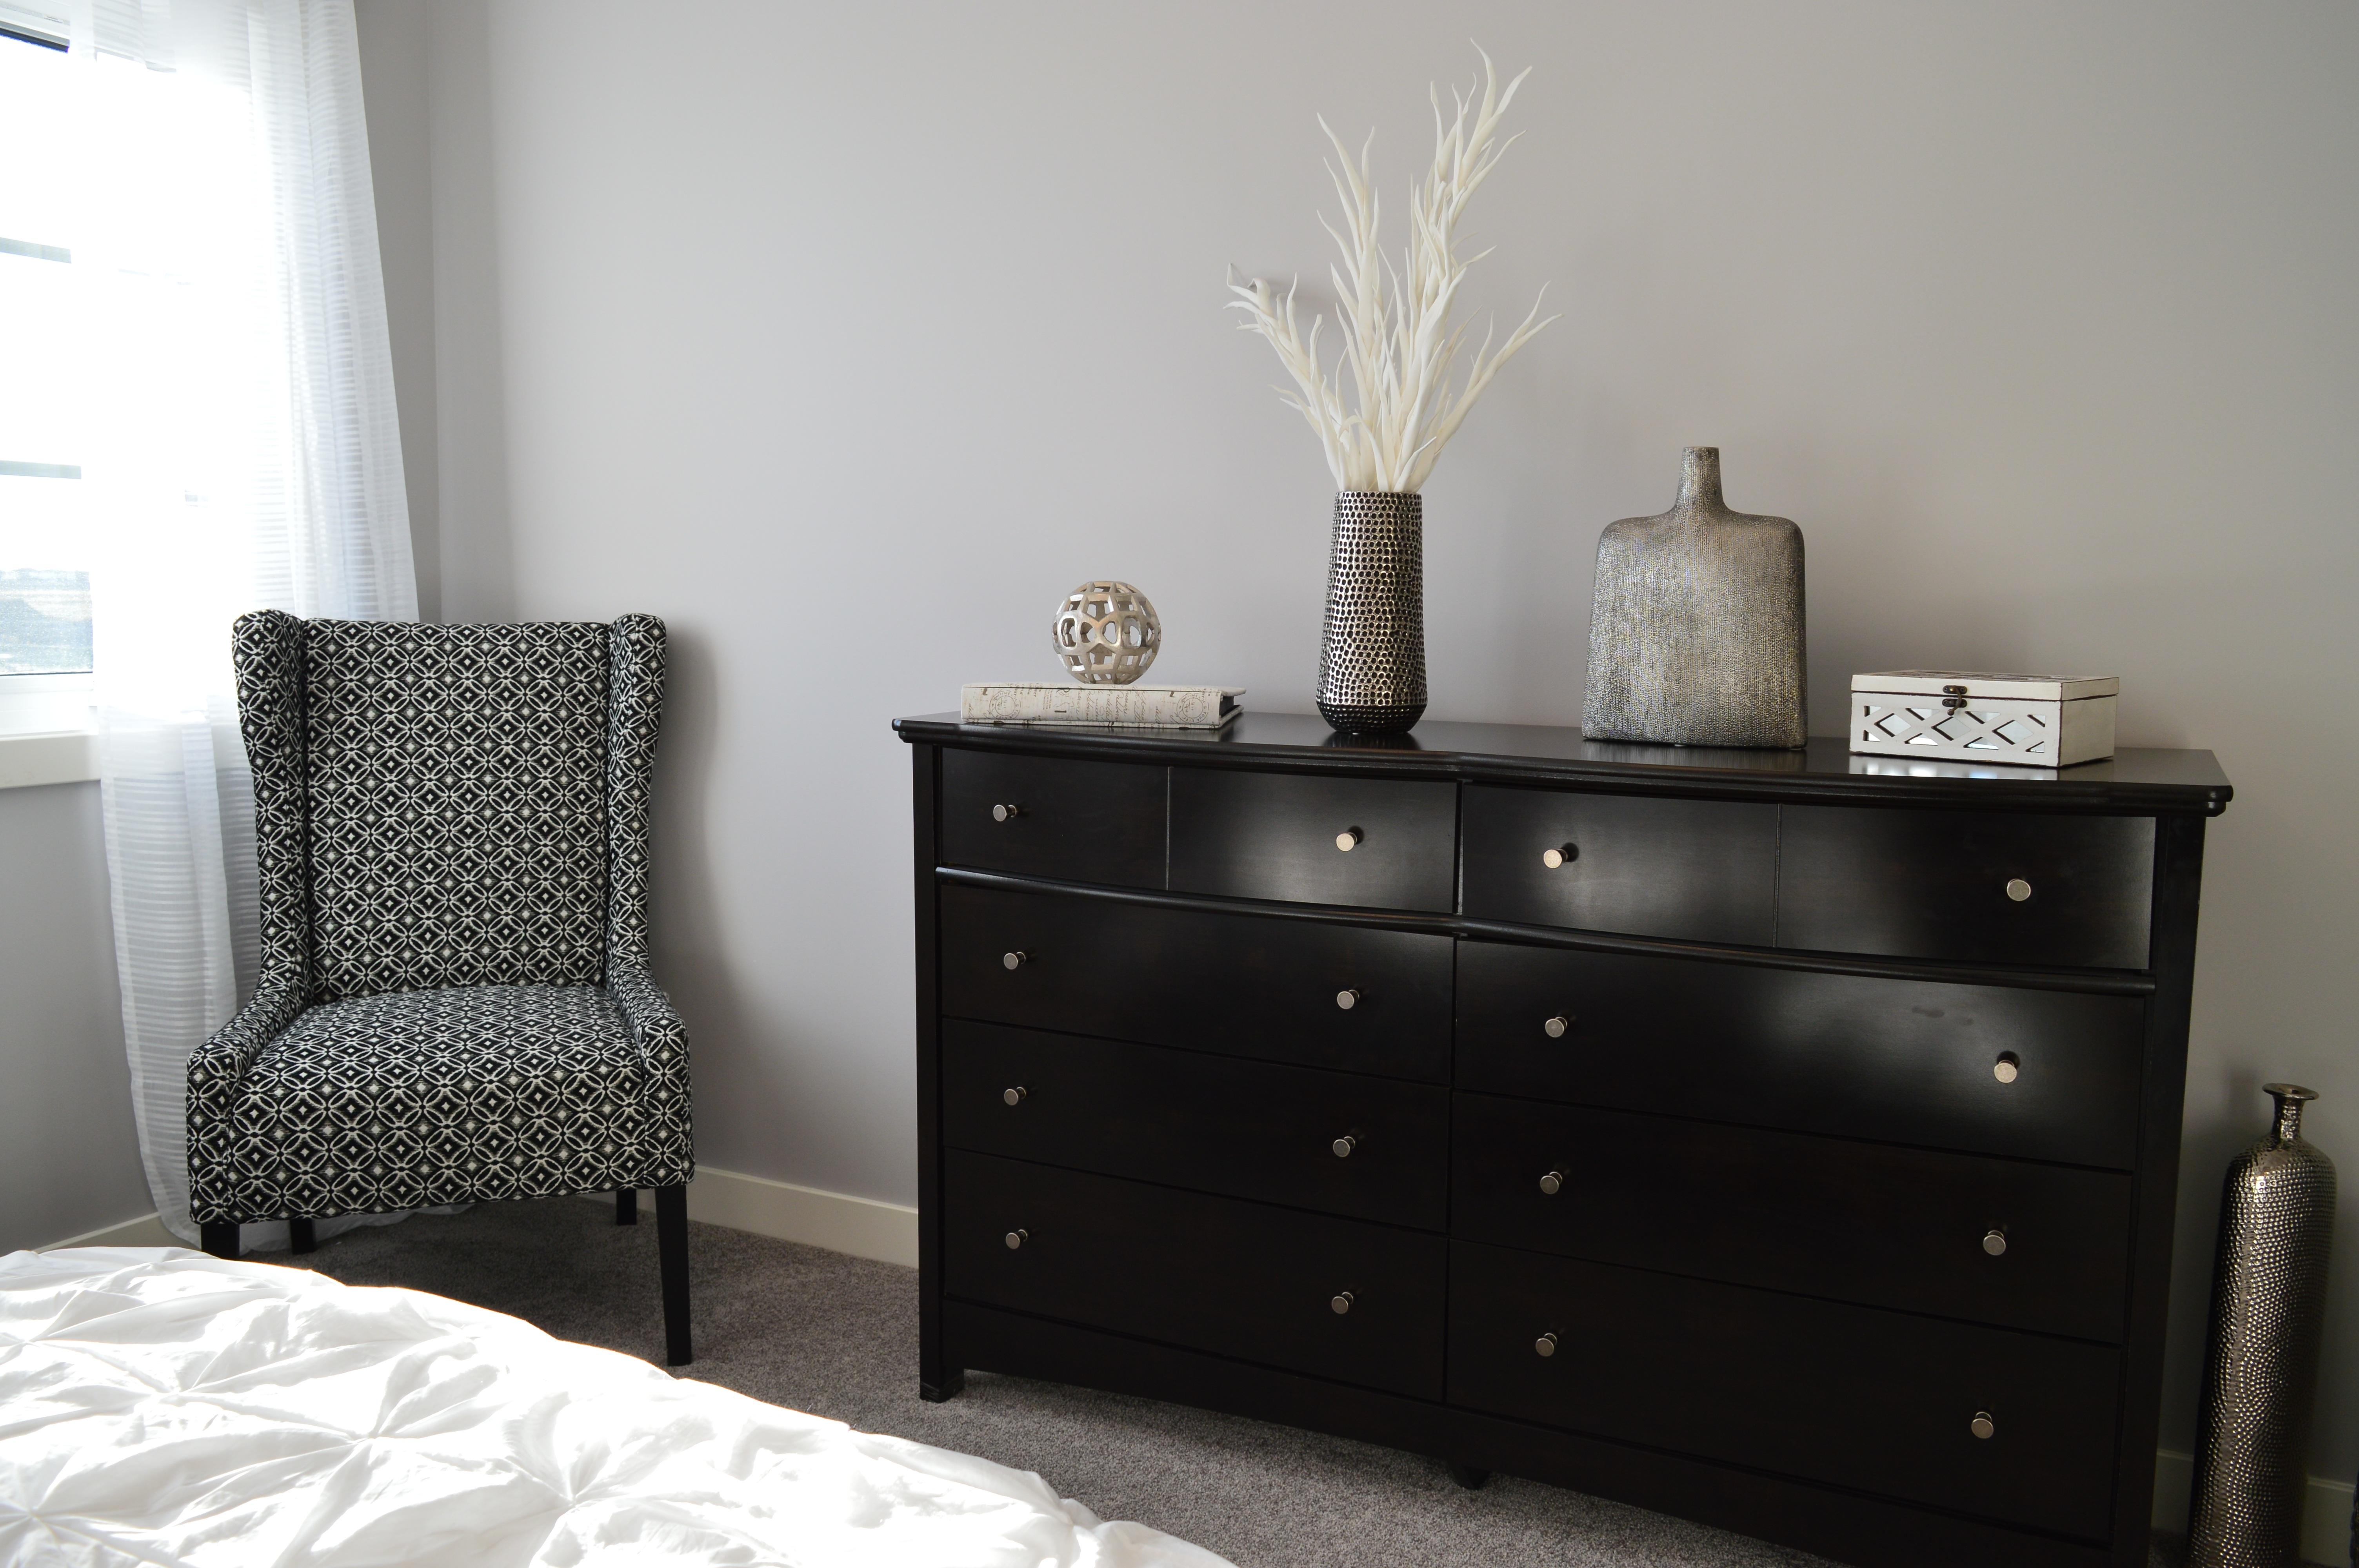 картинки белый дом стул Главная гостиная мебель